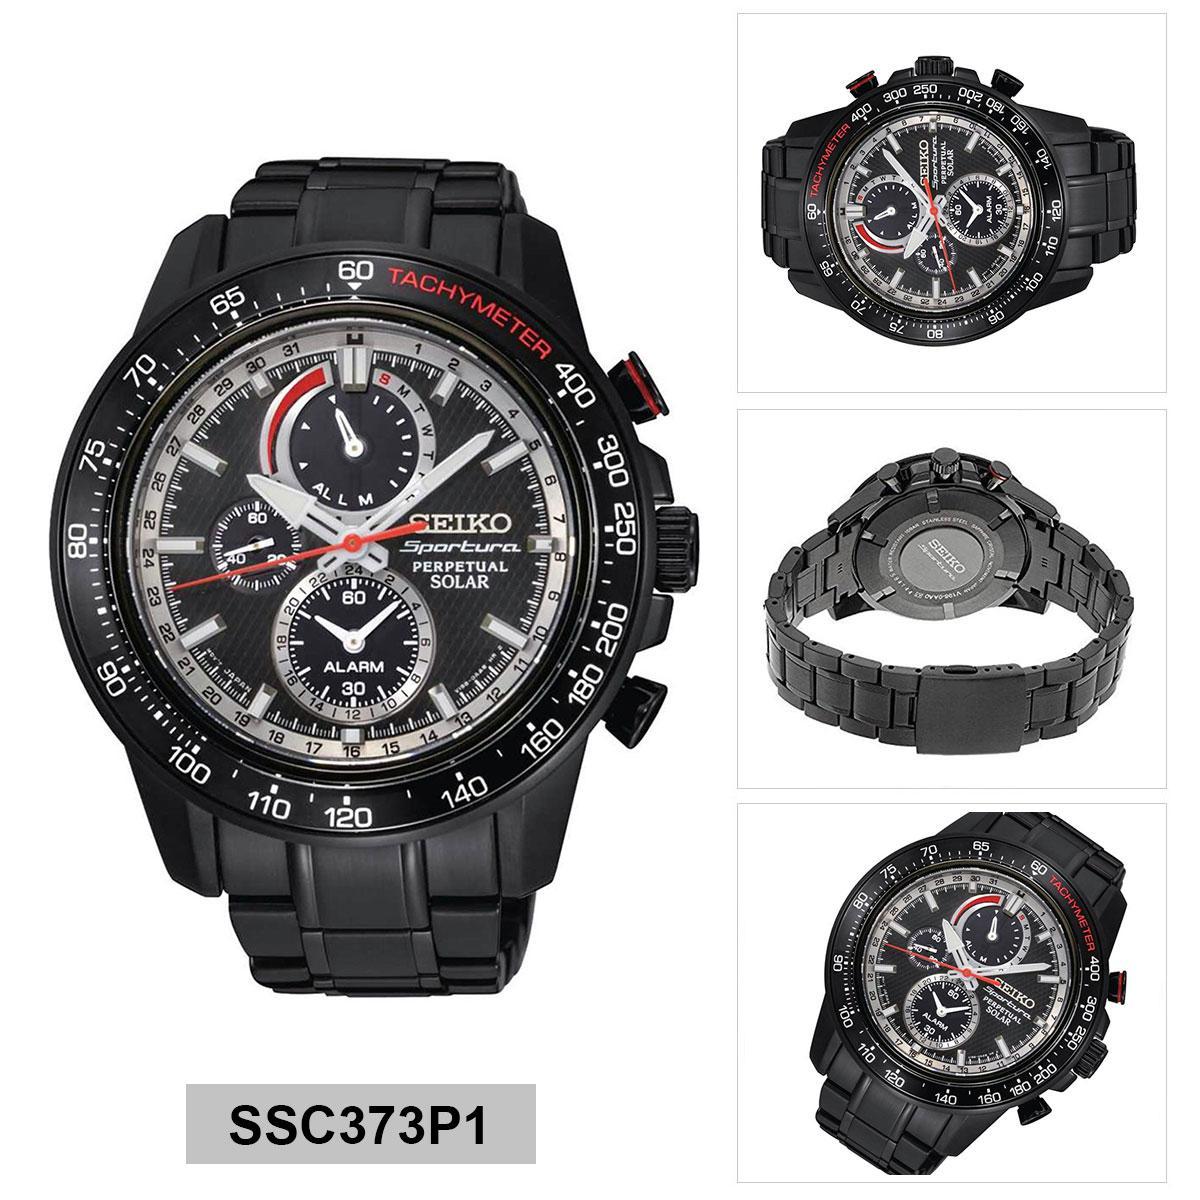 Seiko Seiko Sportura Perpetual Solar Black Stainless-Steel Case Stainless-Steel Bracelet Mens NWT + Warranty SSC373P1